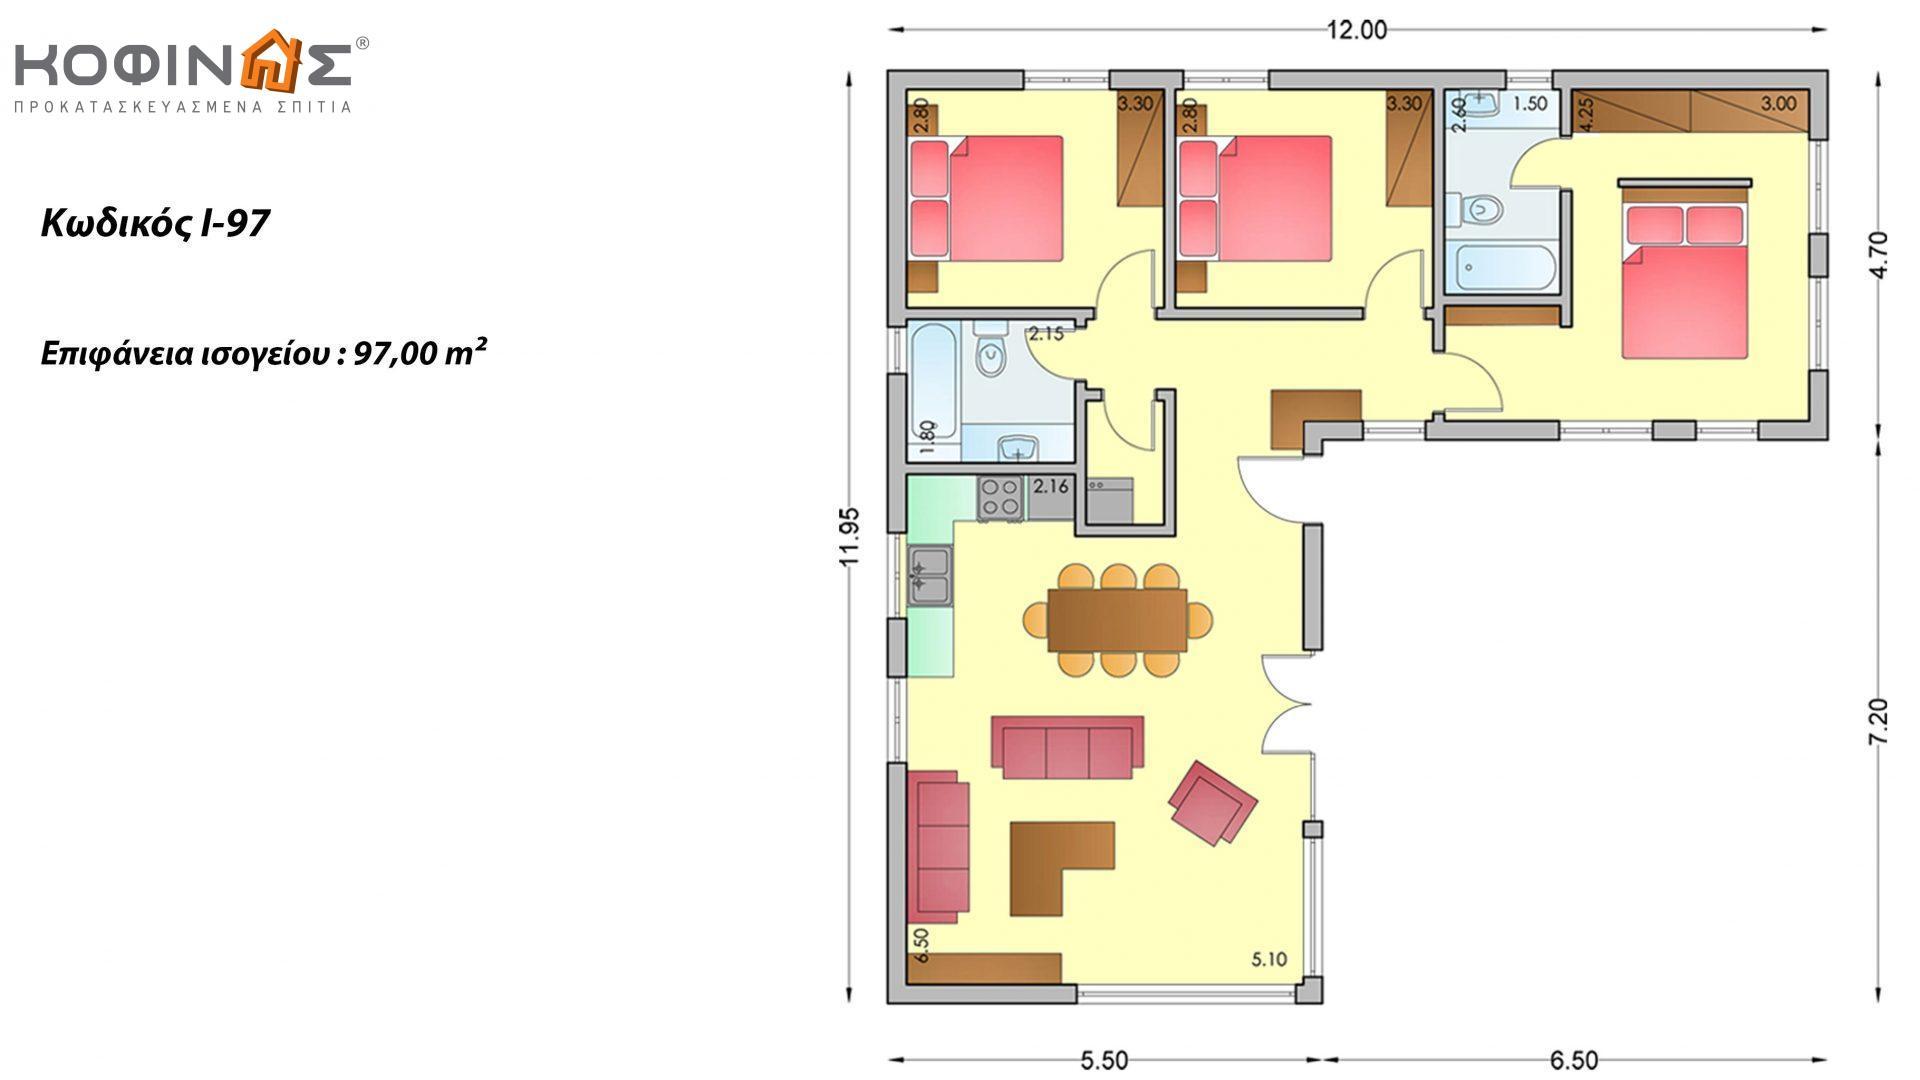 Ισόγεια Κατοικία I-97 συνολικής επιφάνειας 97,00 τ.μ.